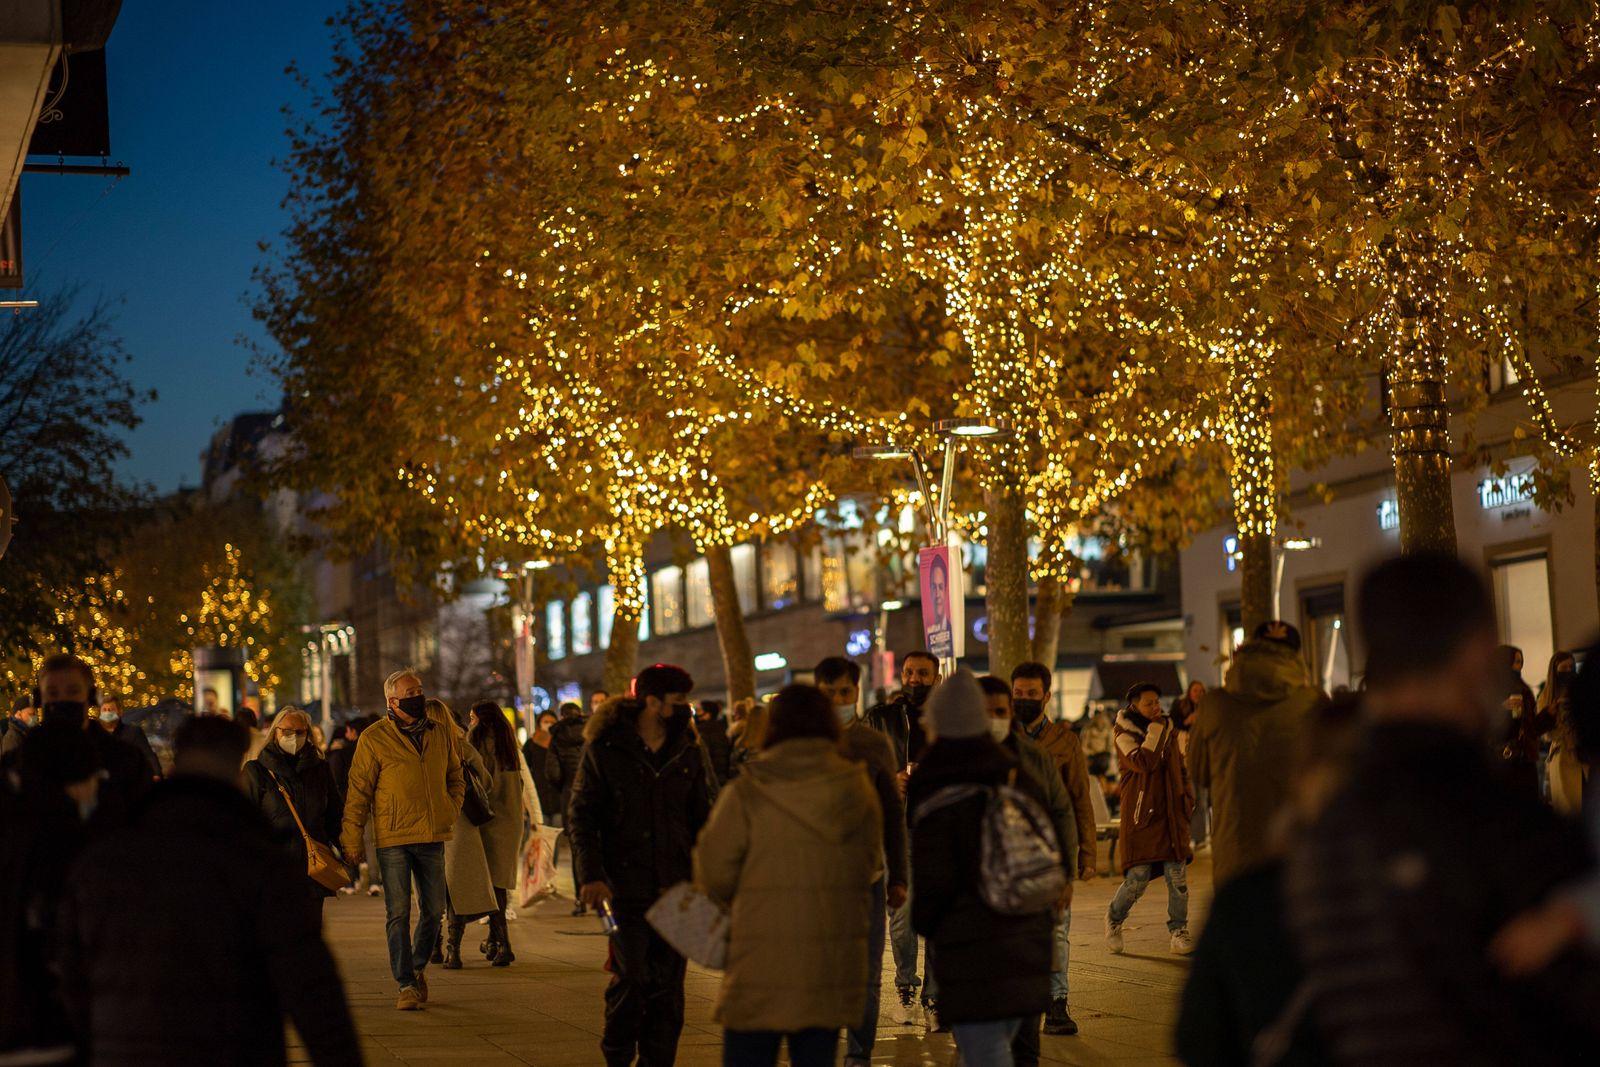 Suttgart Themenfoto, Weihnachten in der Pandemie, Stuttgart, 29.11.2020, Themenfoto, Weihnachten in der Pandemie, Mensc